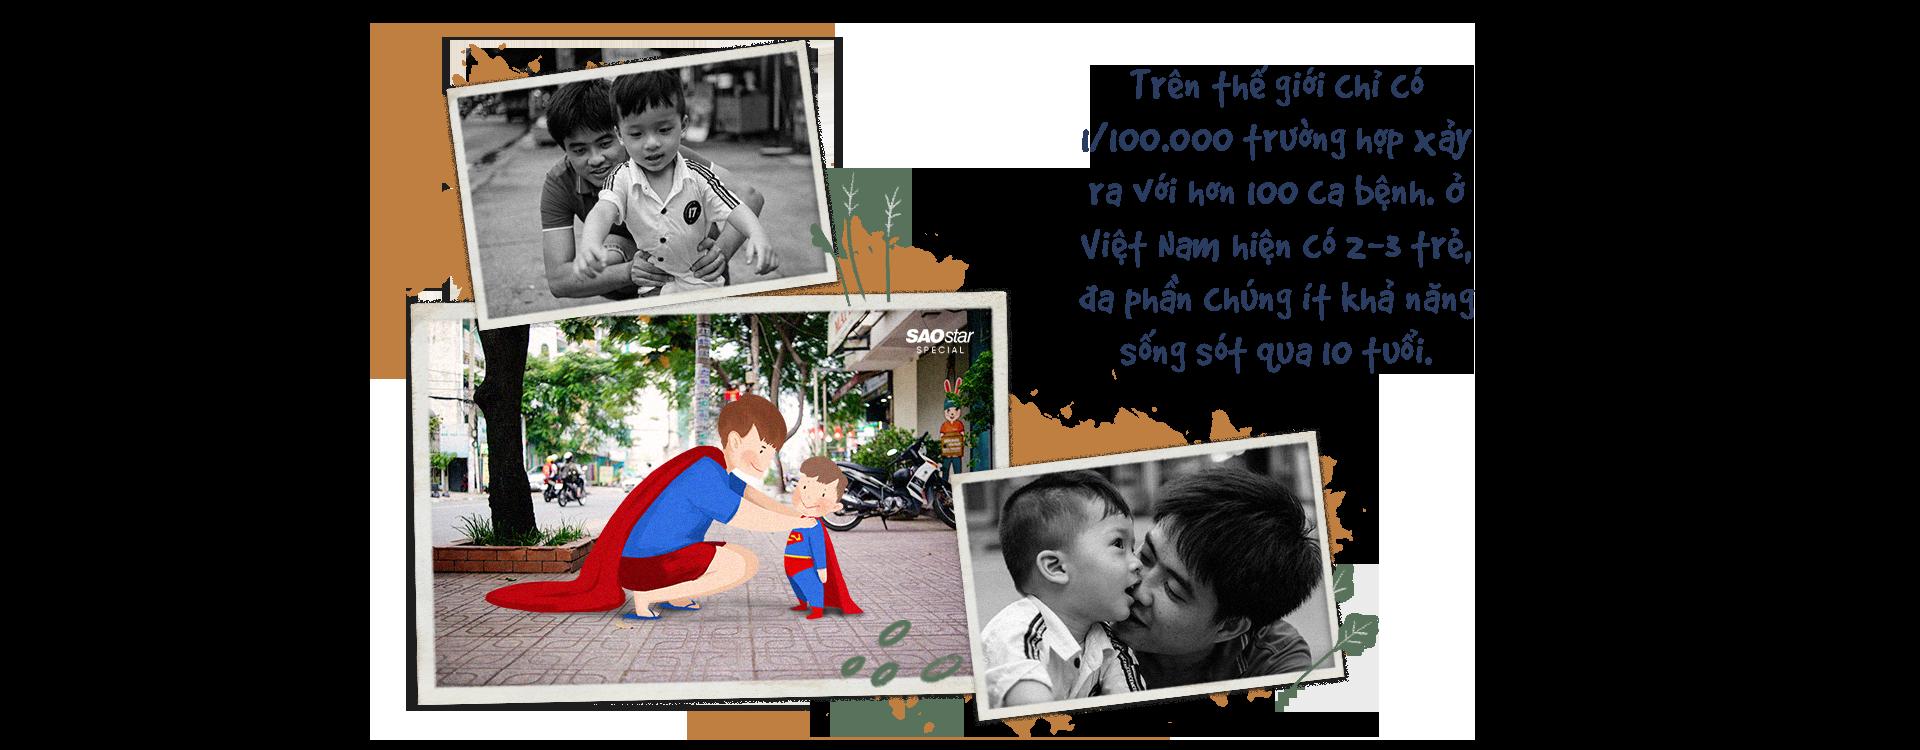 Cậu bé não phẳng và hành trình tìm kiếm phép màu của người mẹ thạc sĩ - Ảnh 8